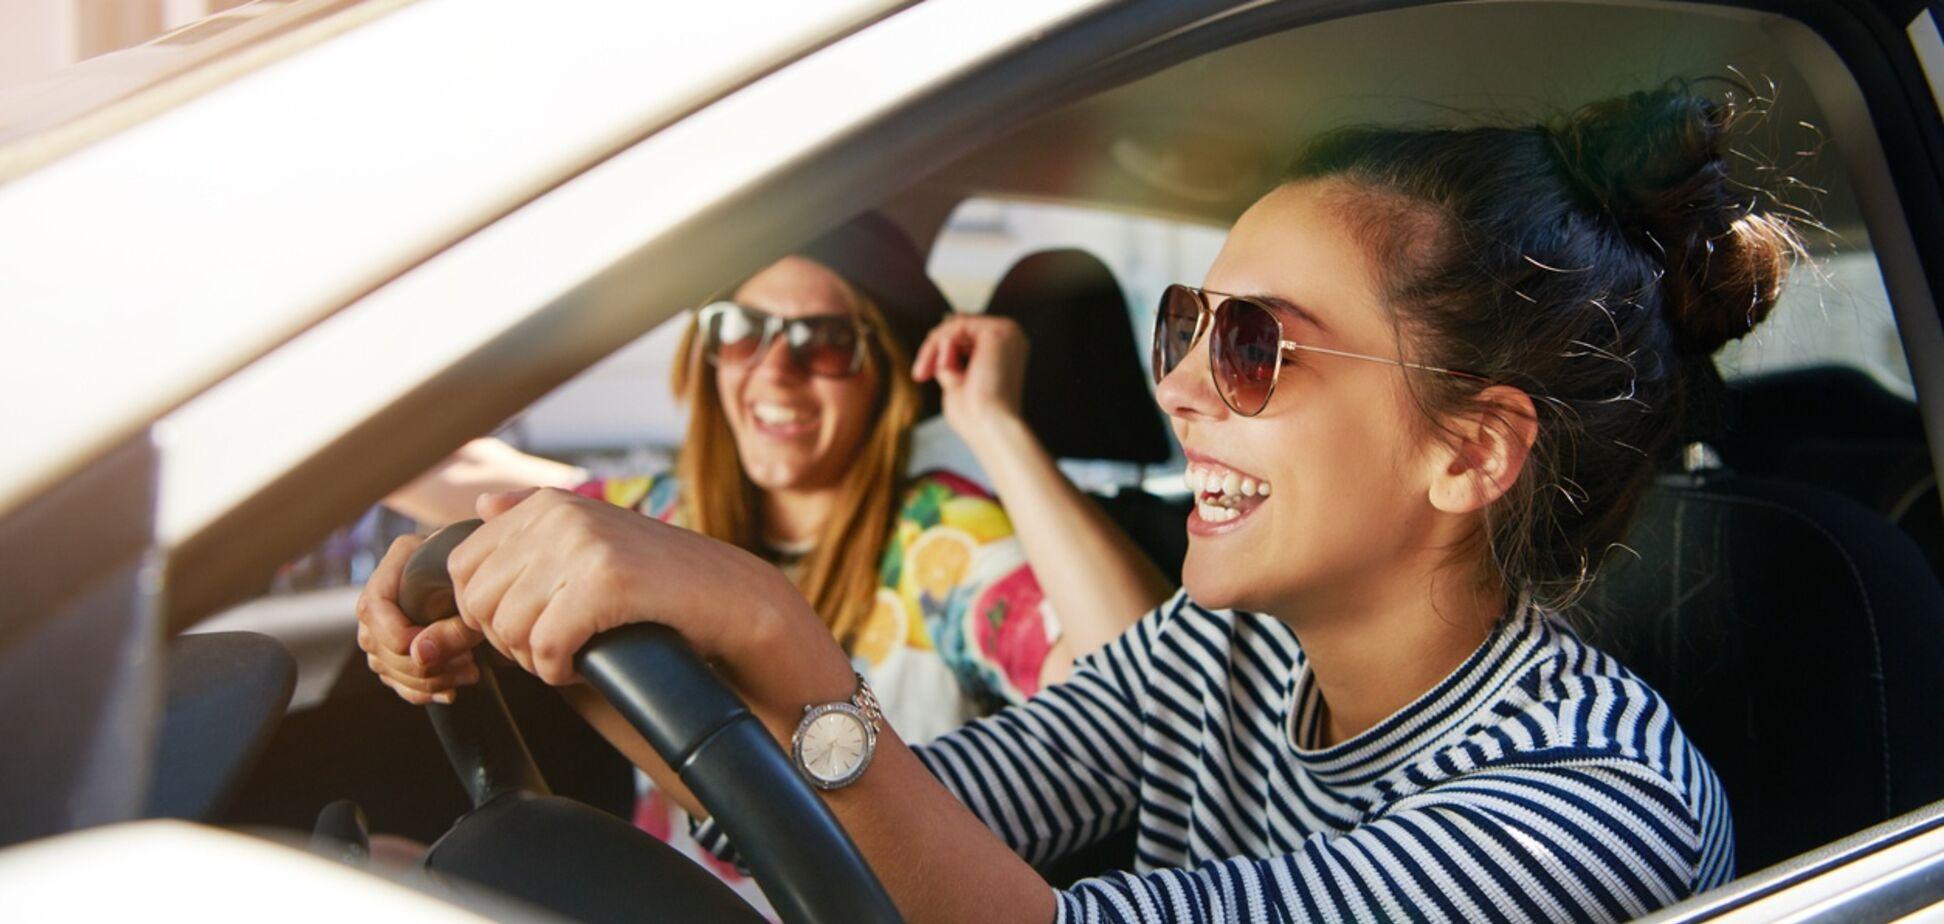 Не виходячи з машини: ефективні вправи для водіїв